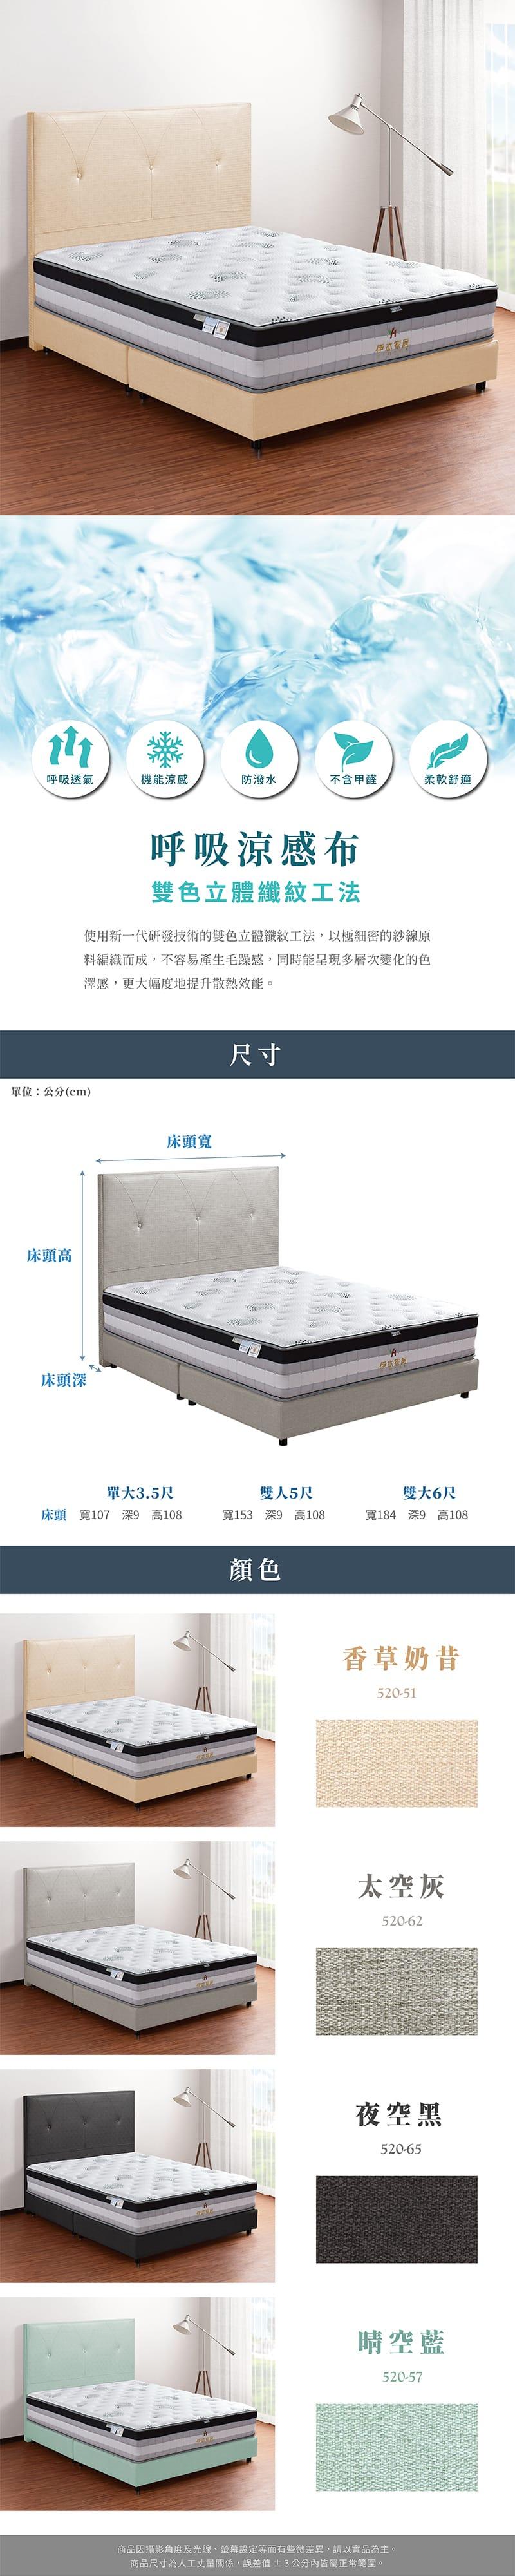 傑森 涼感布床頭片 雙人加大6尺